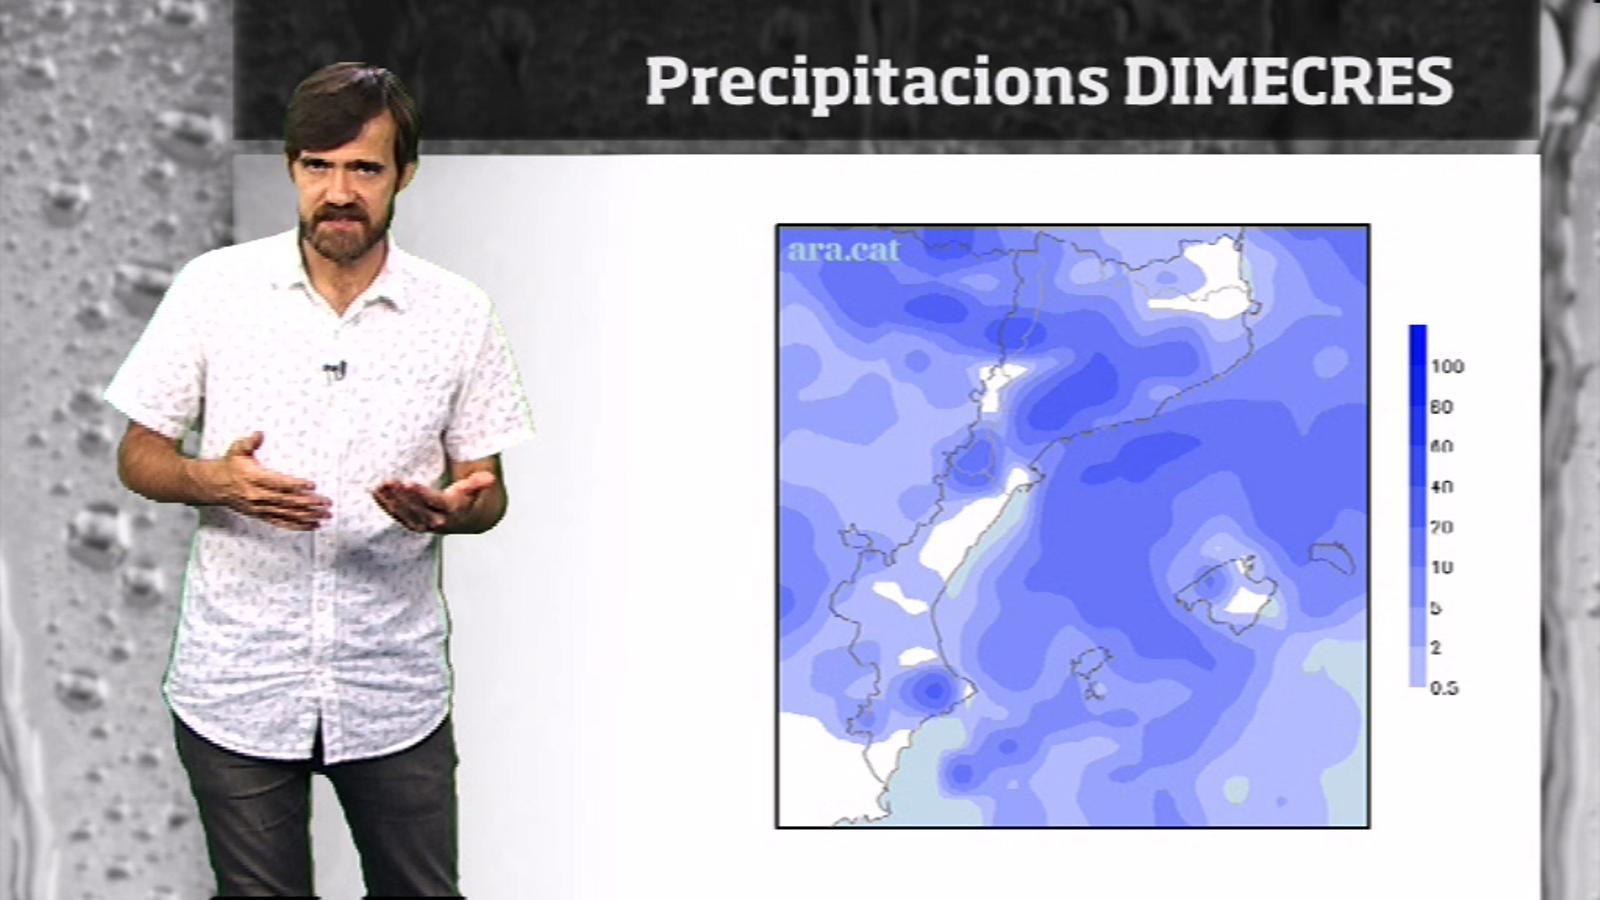 La méteo en 1 minut: tongada de pluges de cara a dimecres